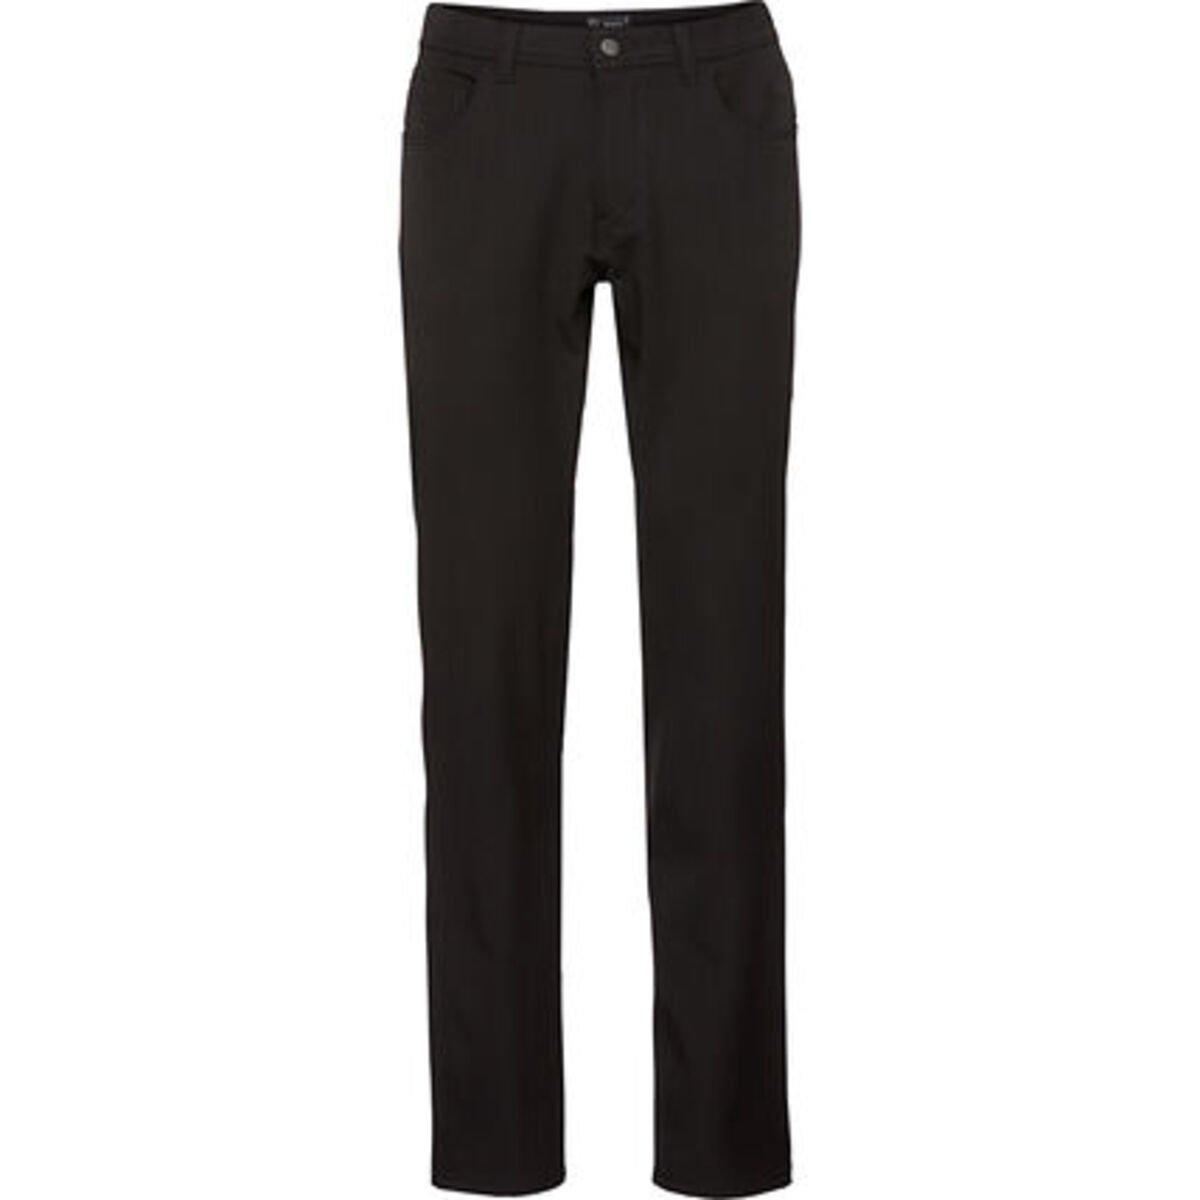 """Bild 1 von Pioneer Herren 5-Pocket-Jeans """"Rando"""", schwarz, W34/L30, W34/L30"""